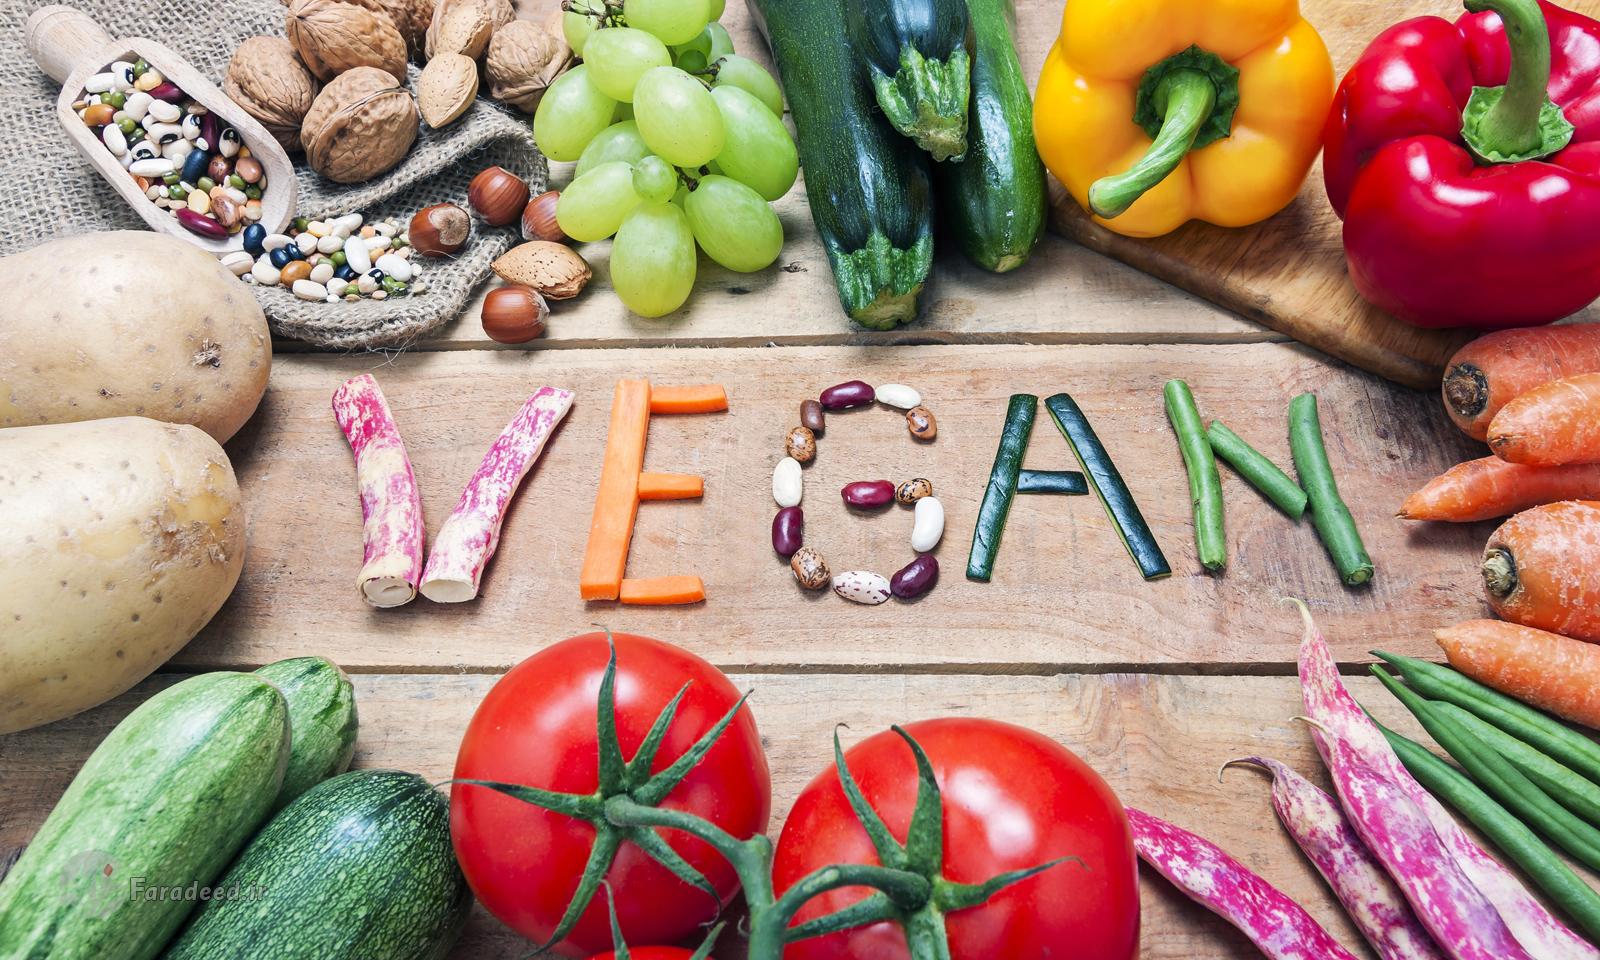 چه ارتباطی میان فواید گیاه خواری و گروه خونی وجود دارد؟